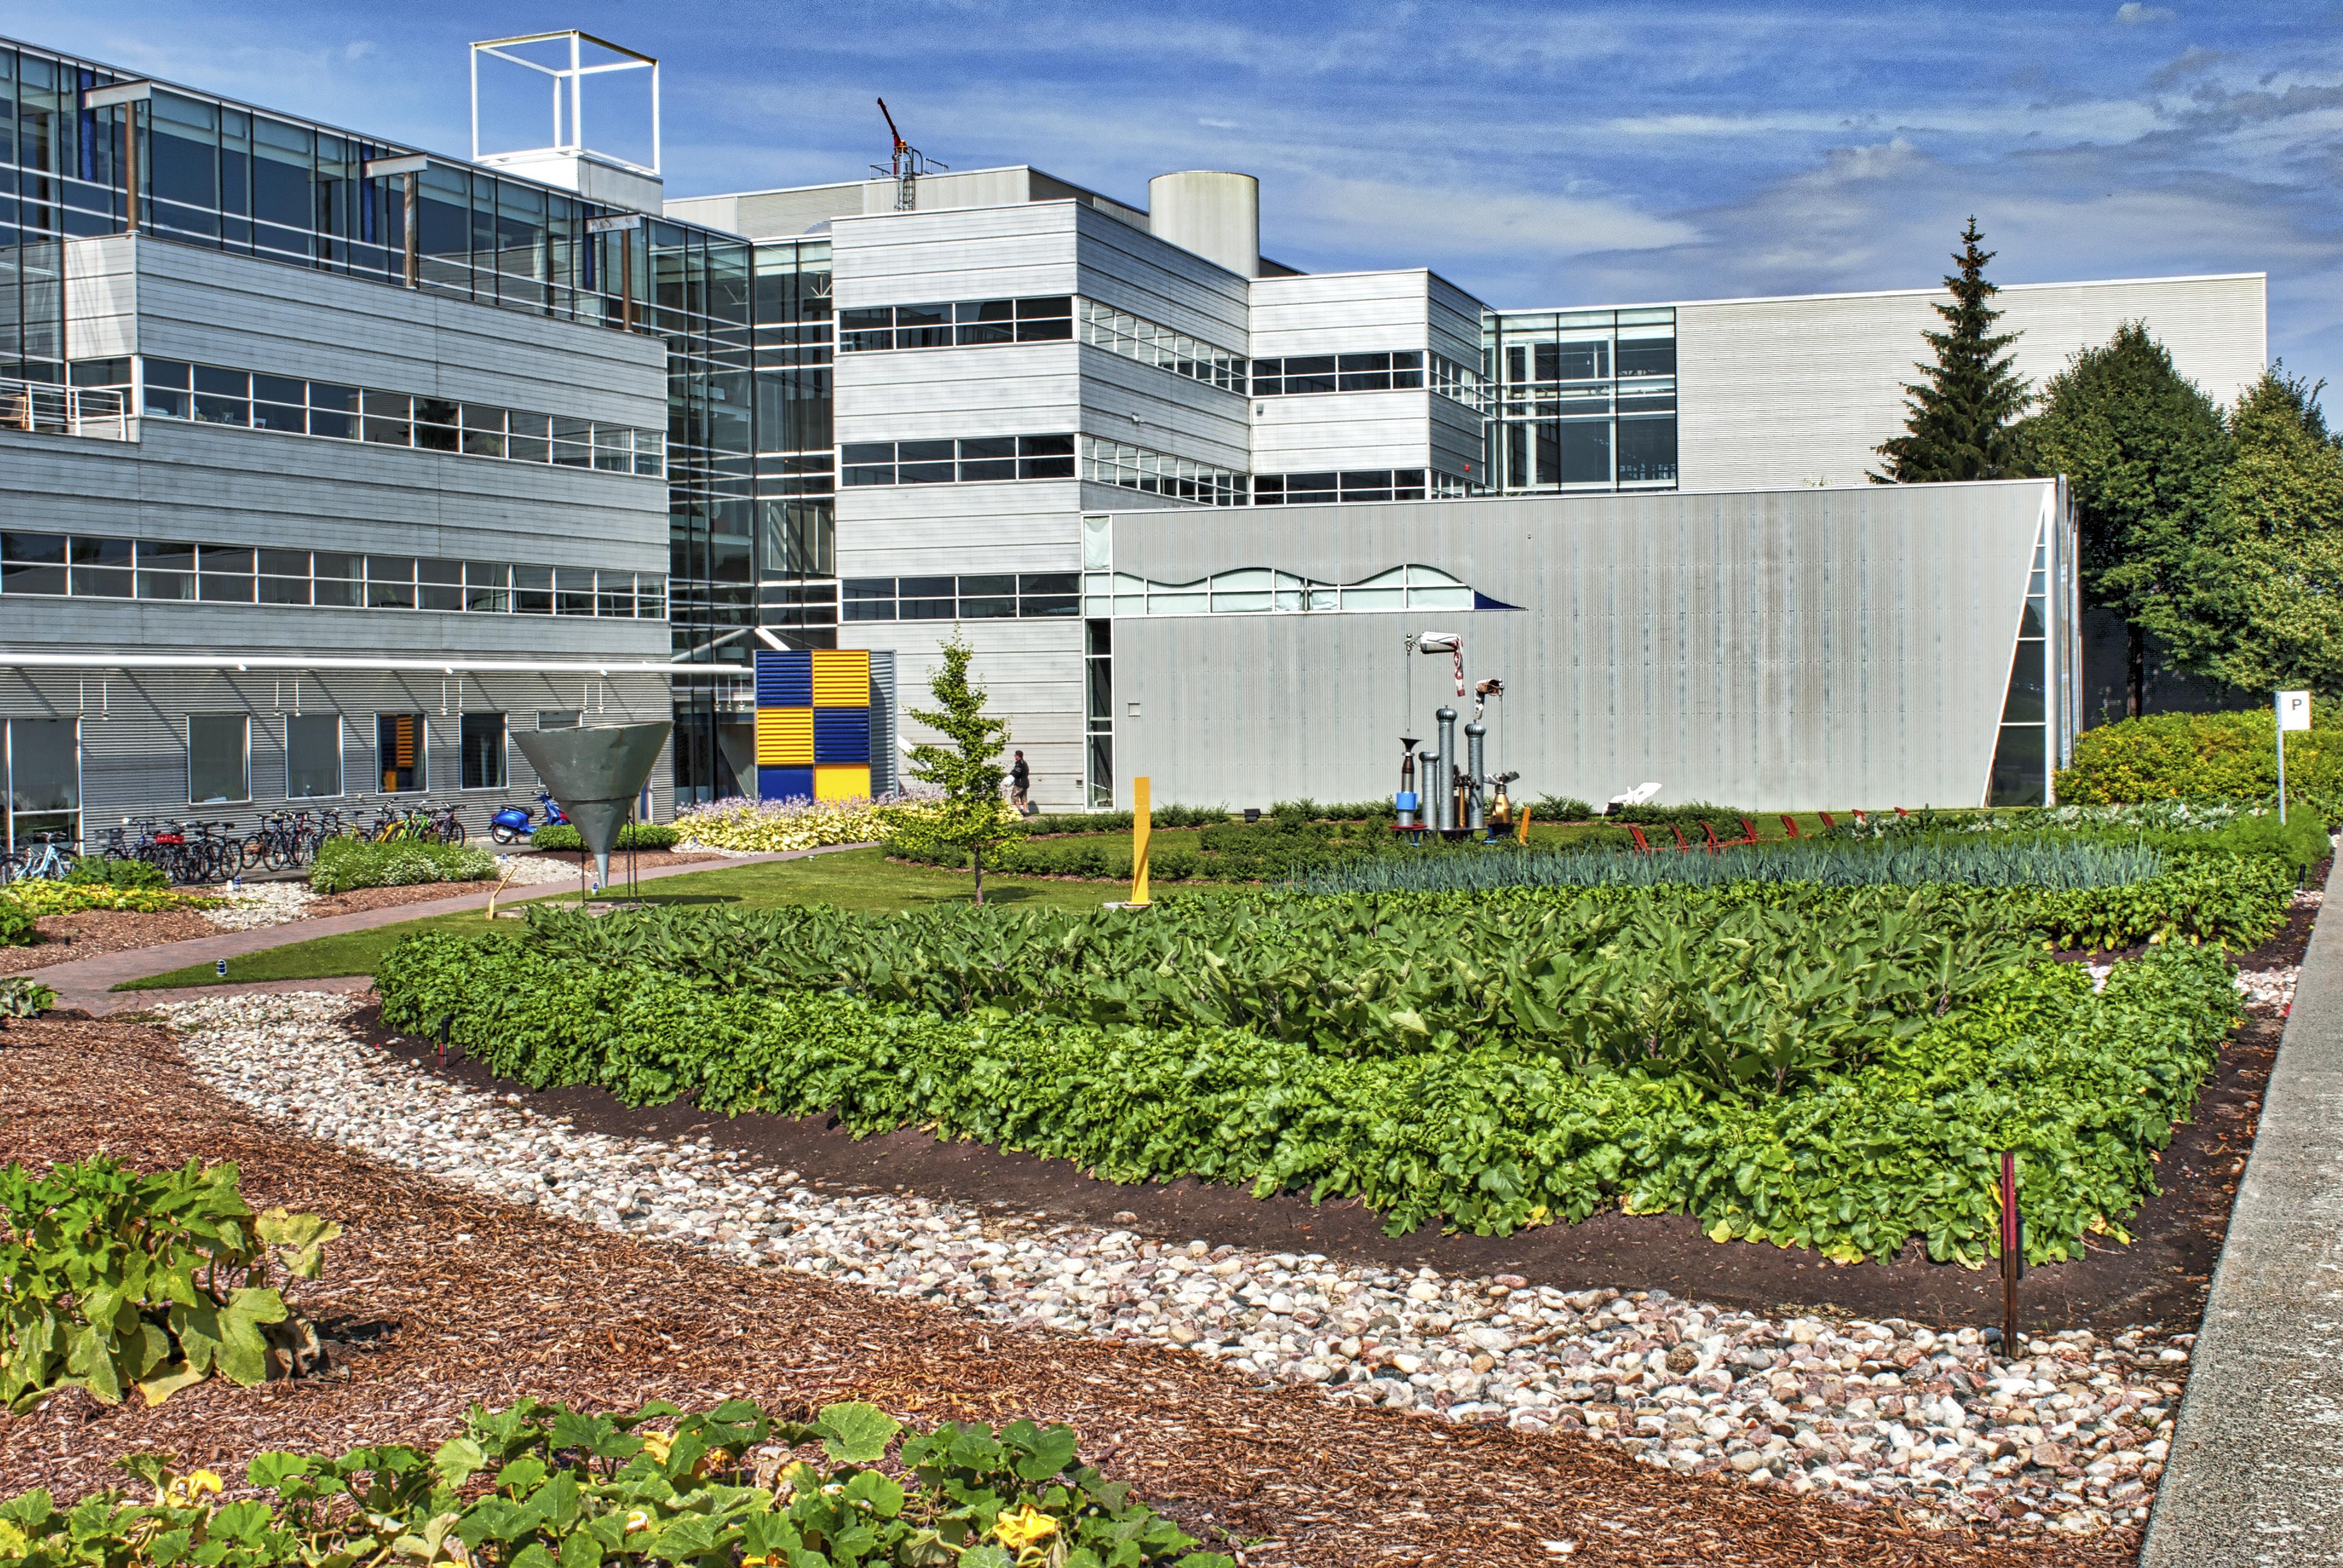 Mêm les entreprises, comme ici le Cirque du Soleil, font de l'agriculture urbaine au profit de leurs employés.